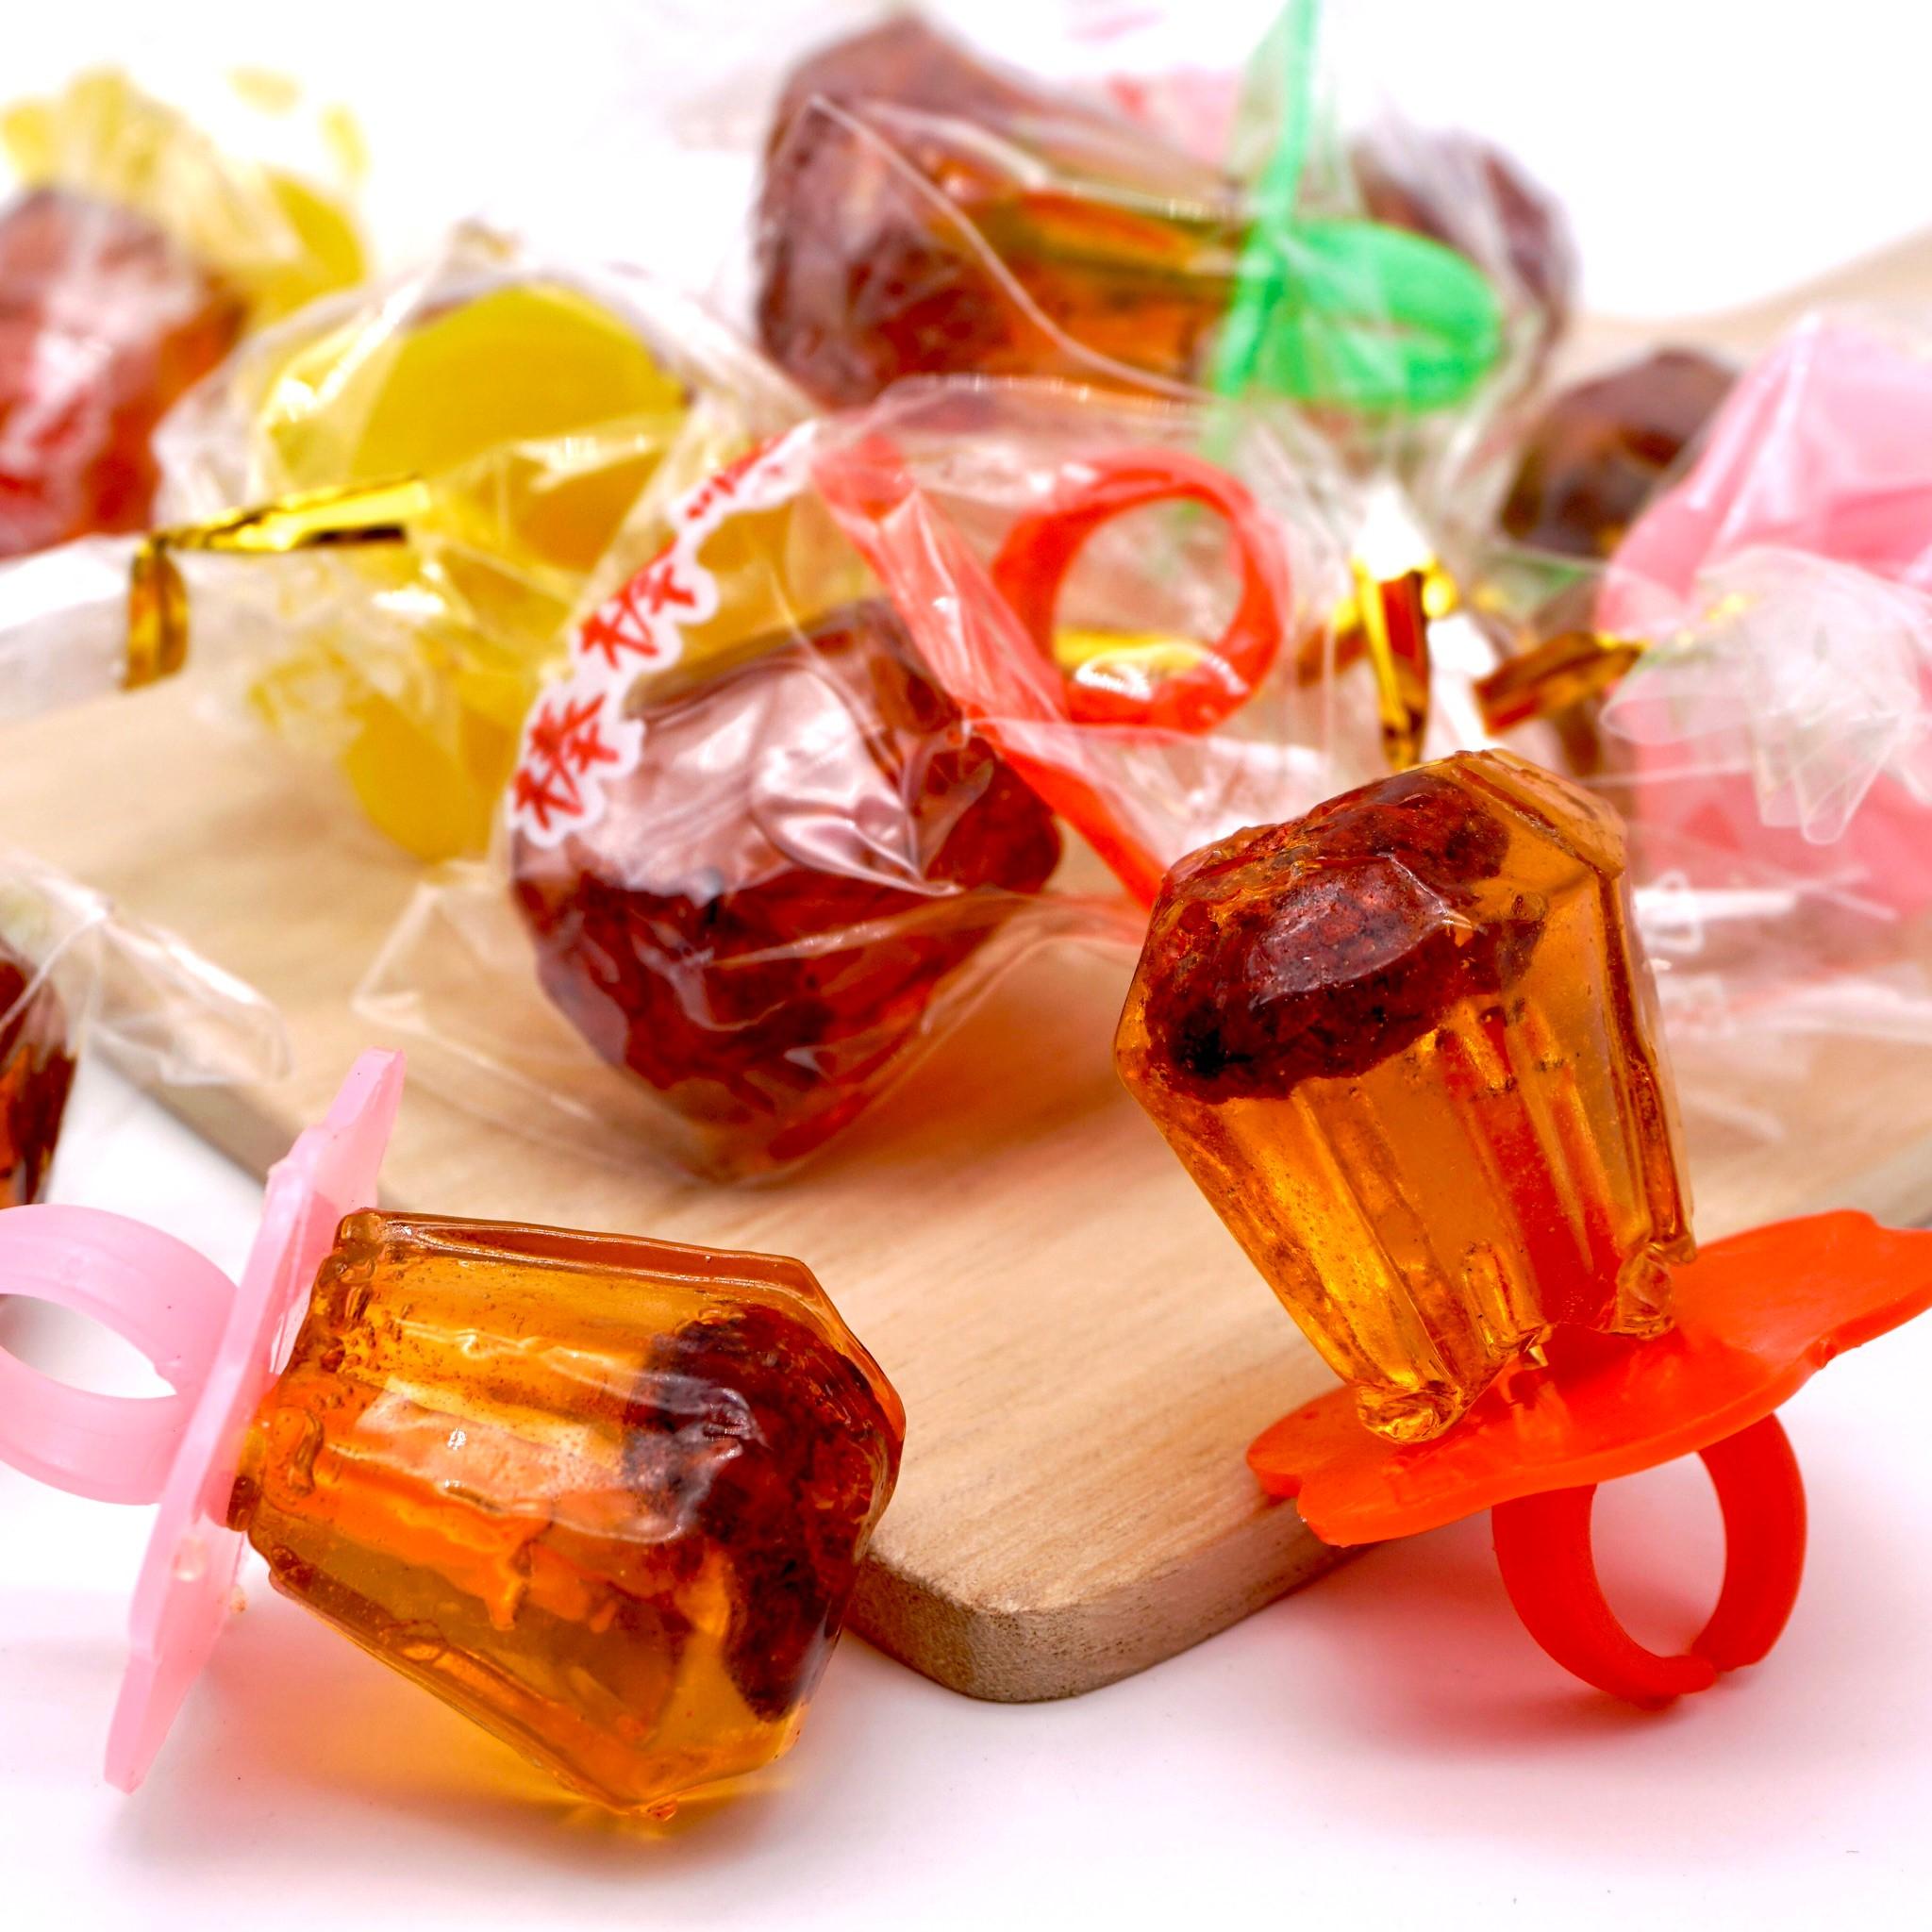 嘴甜甜 奶嘴糖 200公克 糖果系列 黃金梅 梅心糖 糖果 喜糖 素食 現貨